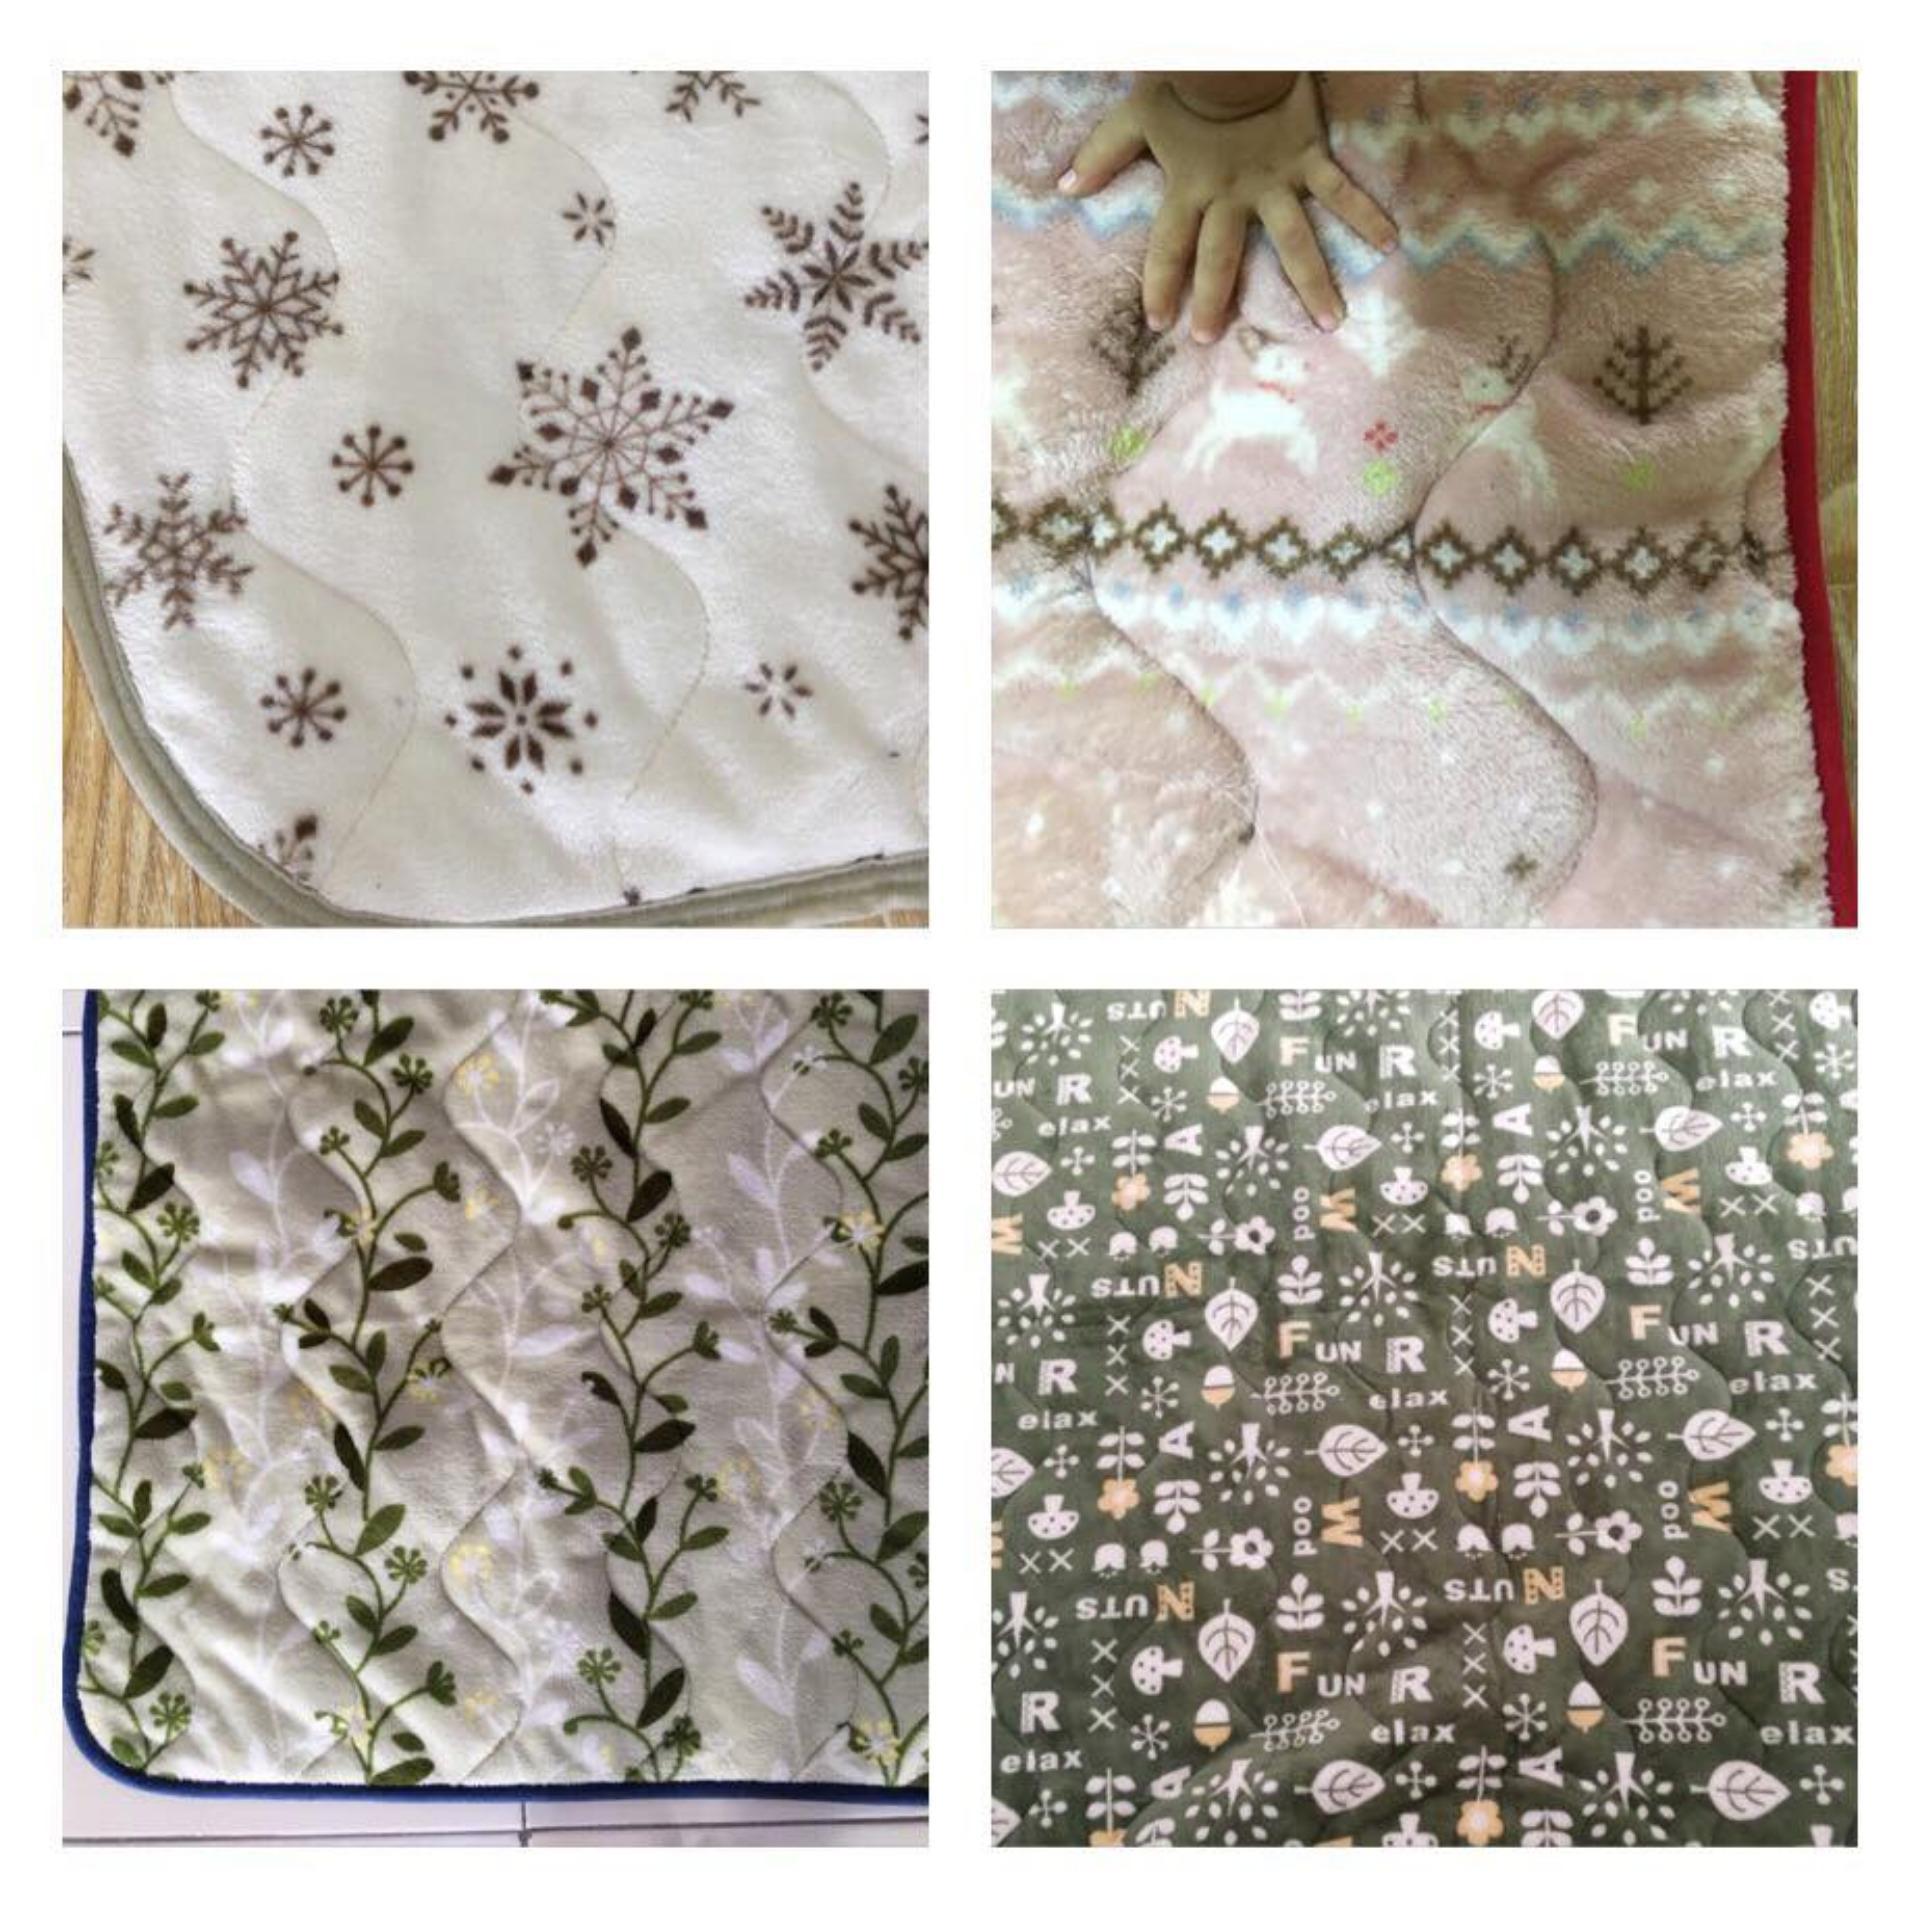 Thảm ngủ bằng lông size 1m*1.4m,1m*1.6m,1m.1.8m và 1m*2m ( giá sale sập sàn ), nhiều màu họa tiết dễ thương (màu ngẫu nhiên)